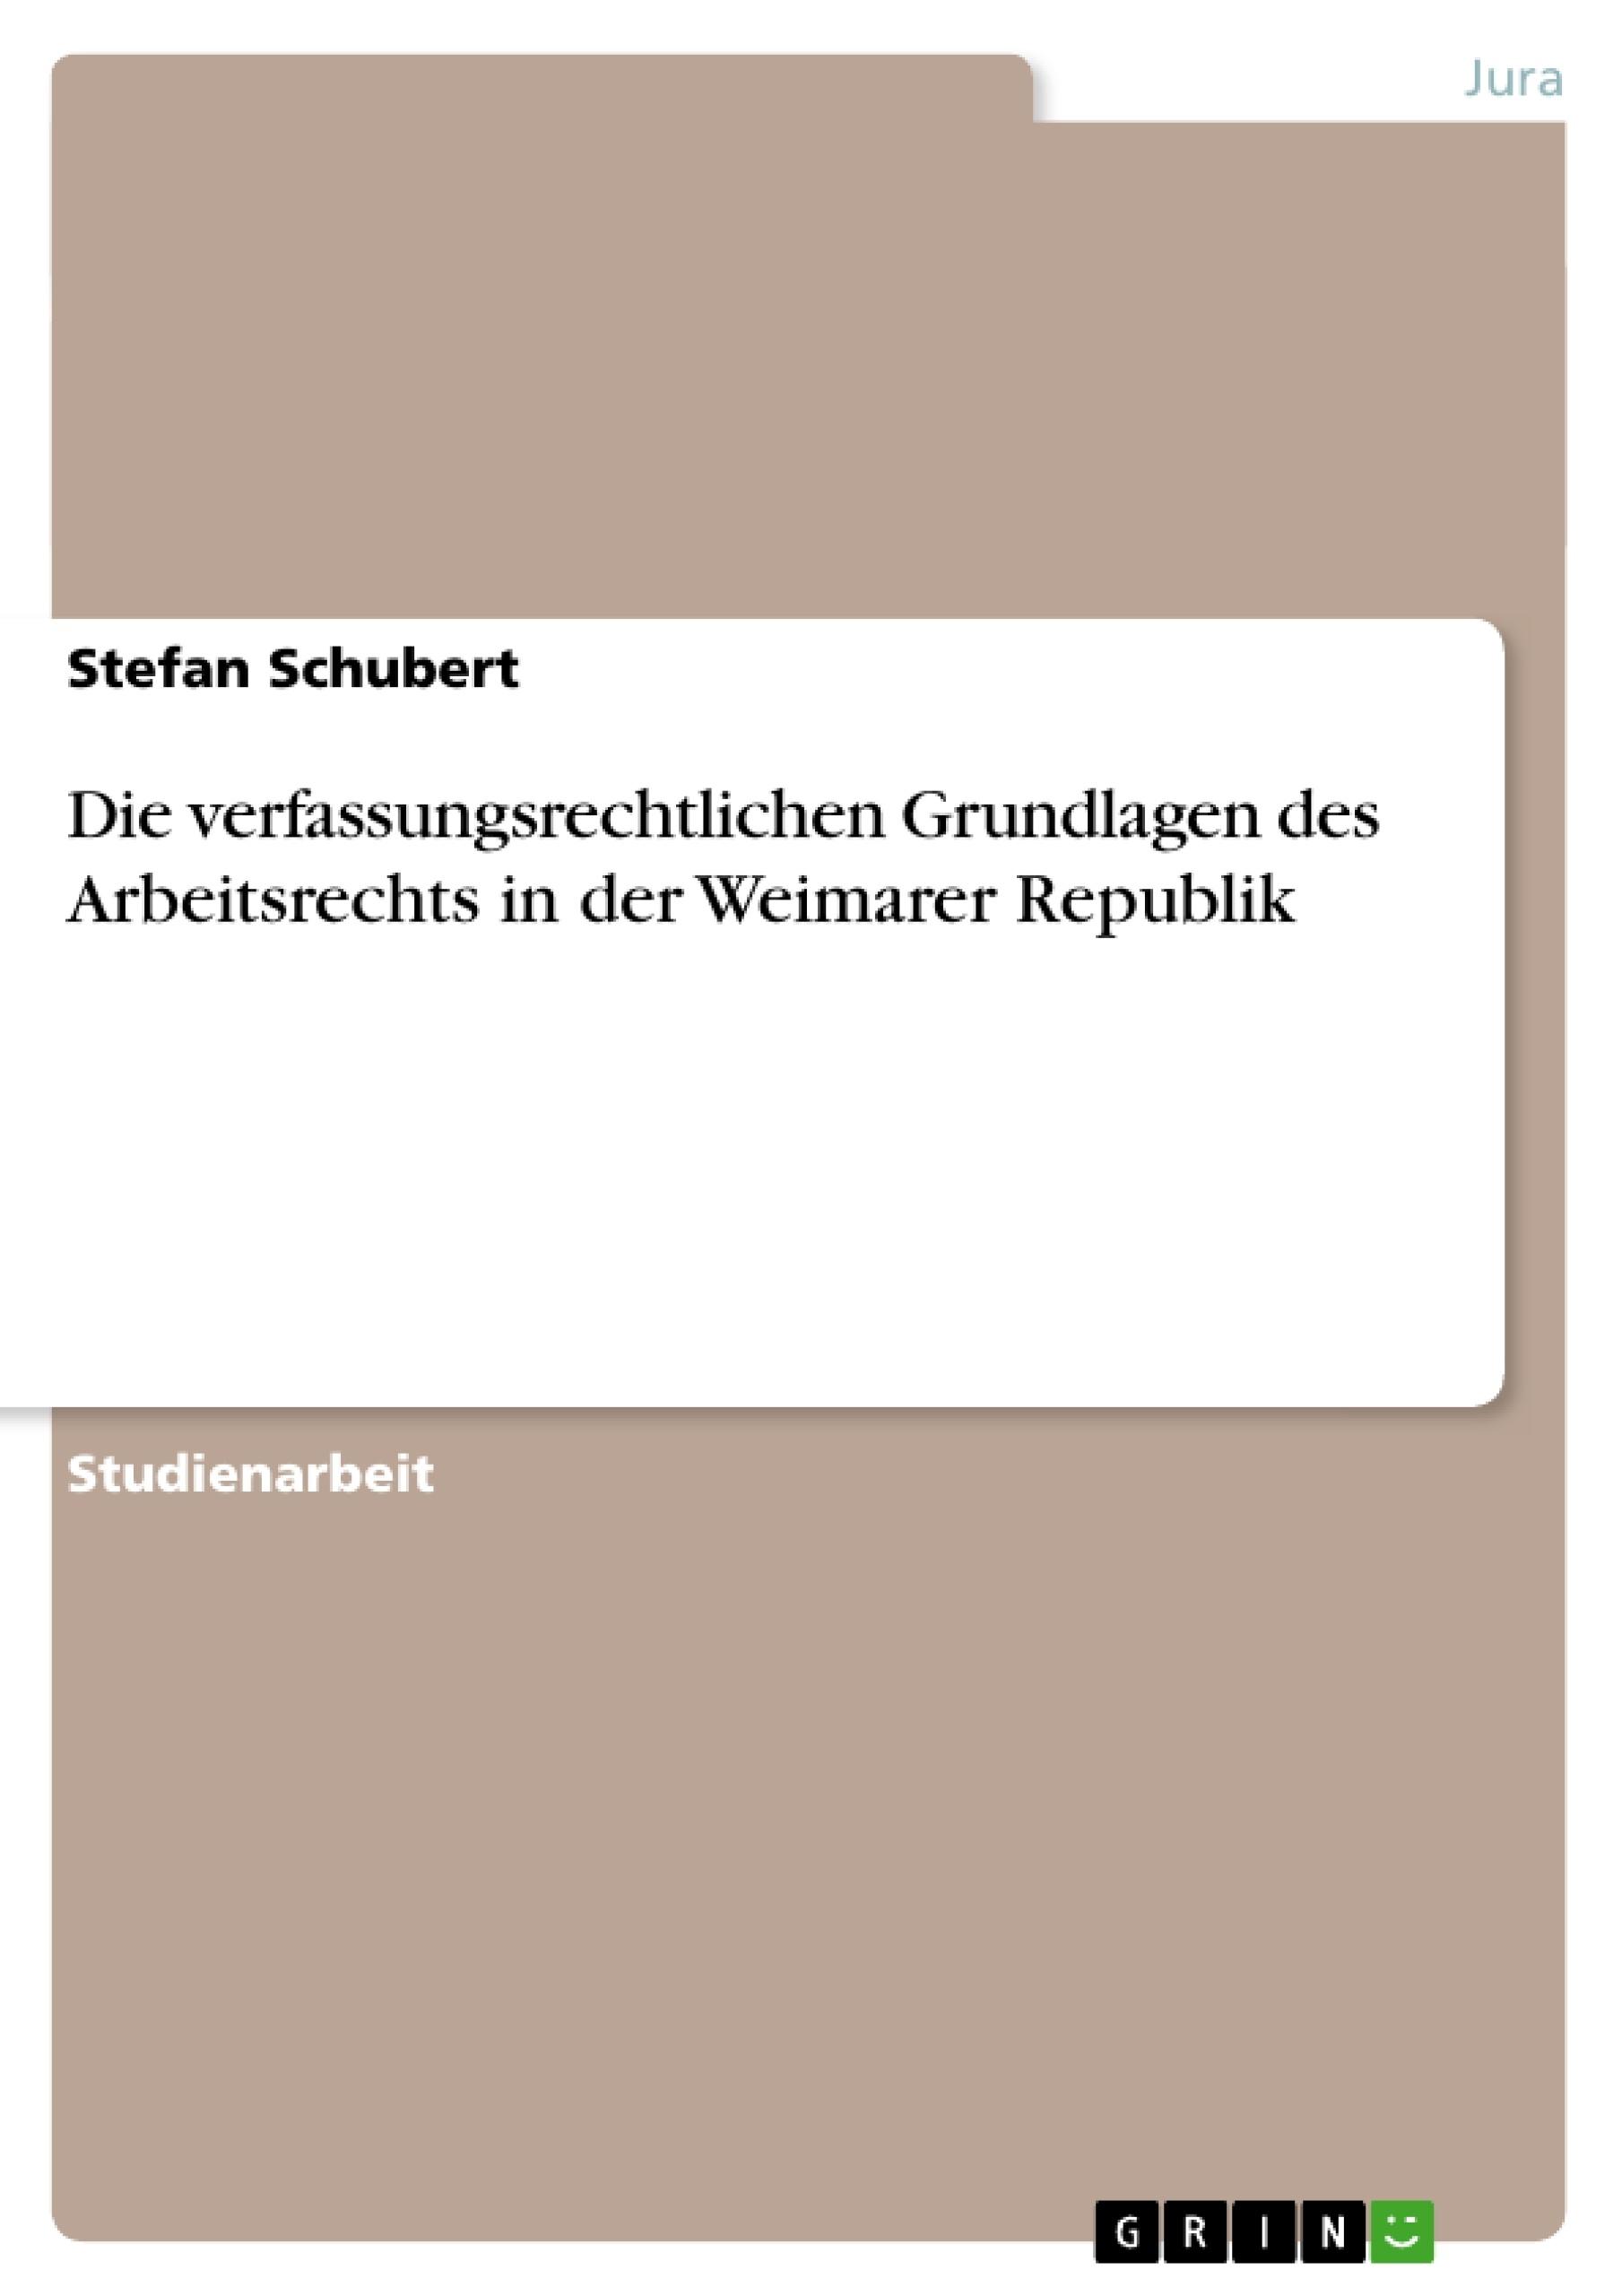 Titel: Die verfassungsrechtlichen Grundlagen des Arbeitsrechts in der Weimarer Republik